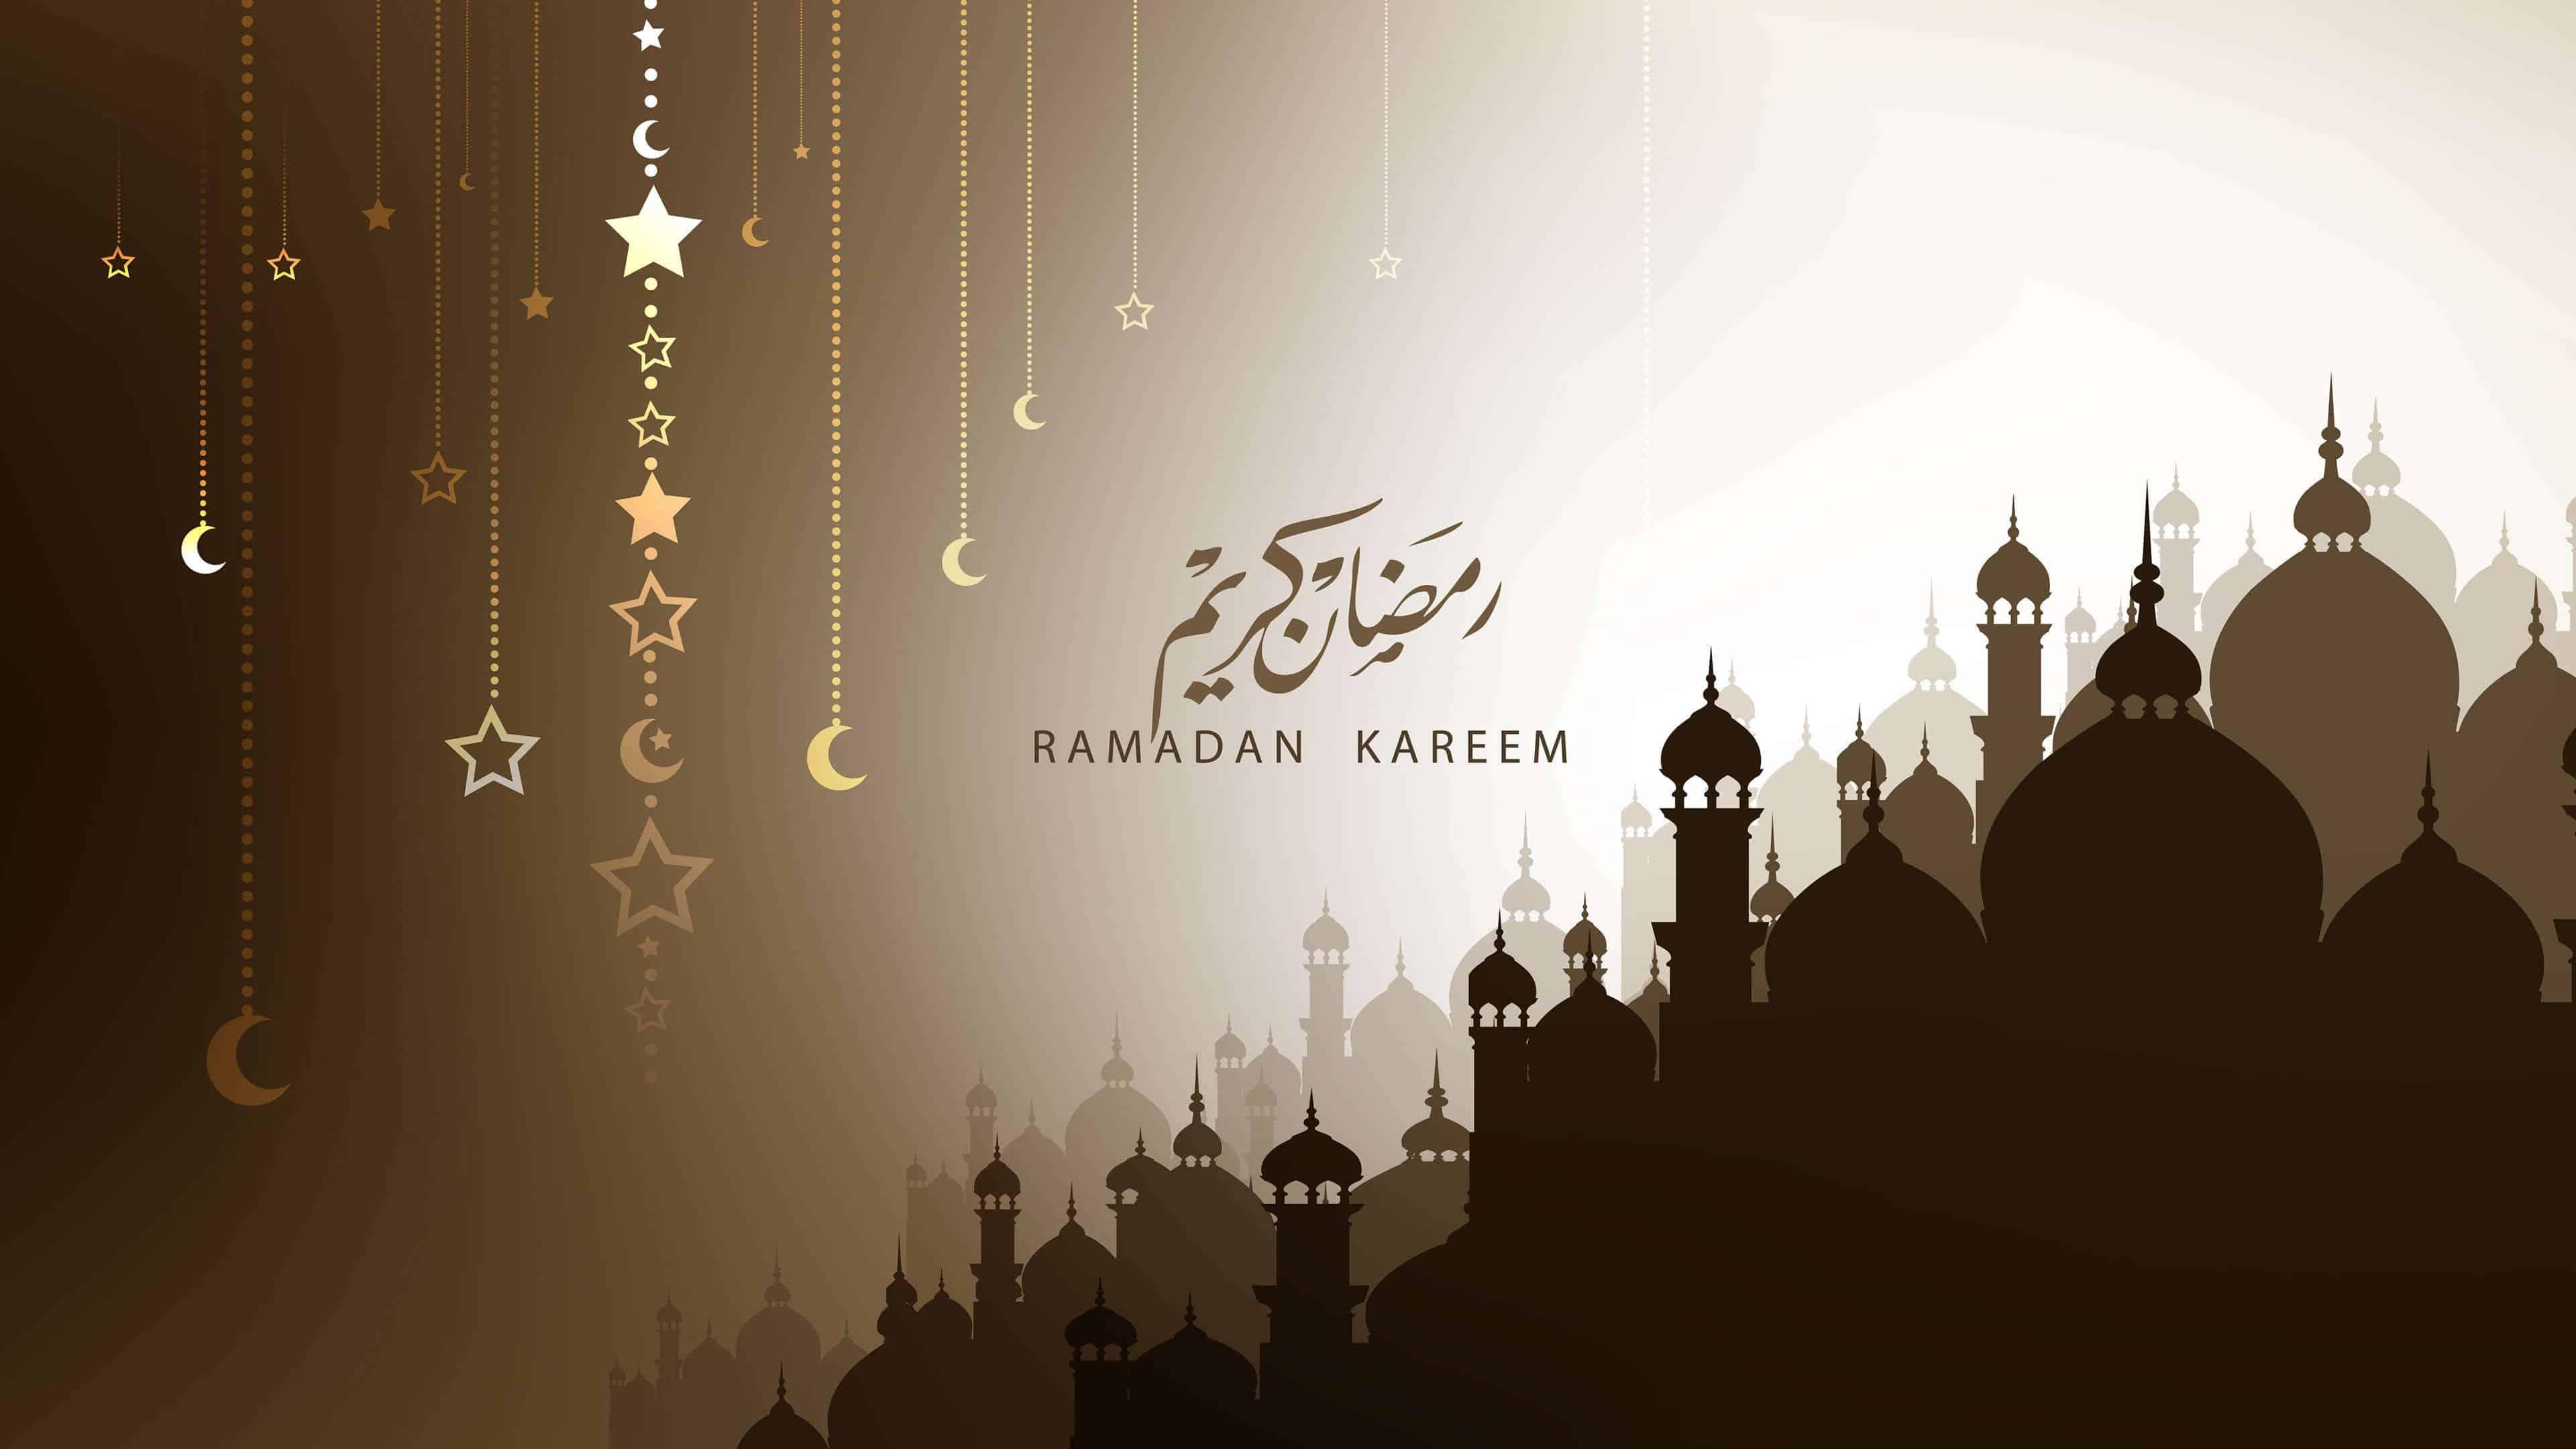 ramadan kareem uhd 4k wallpaper